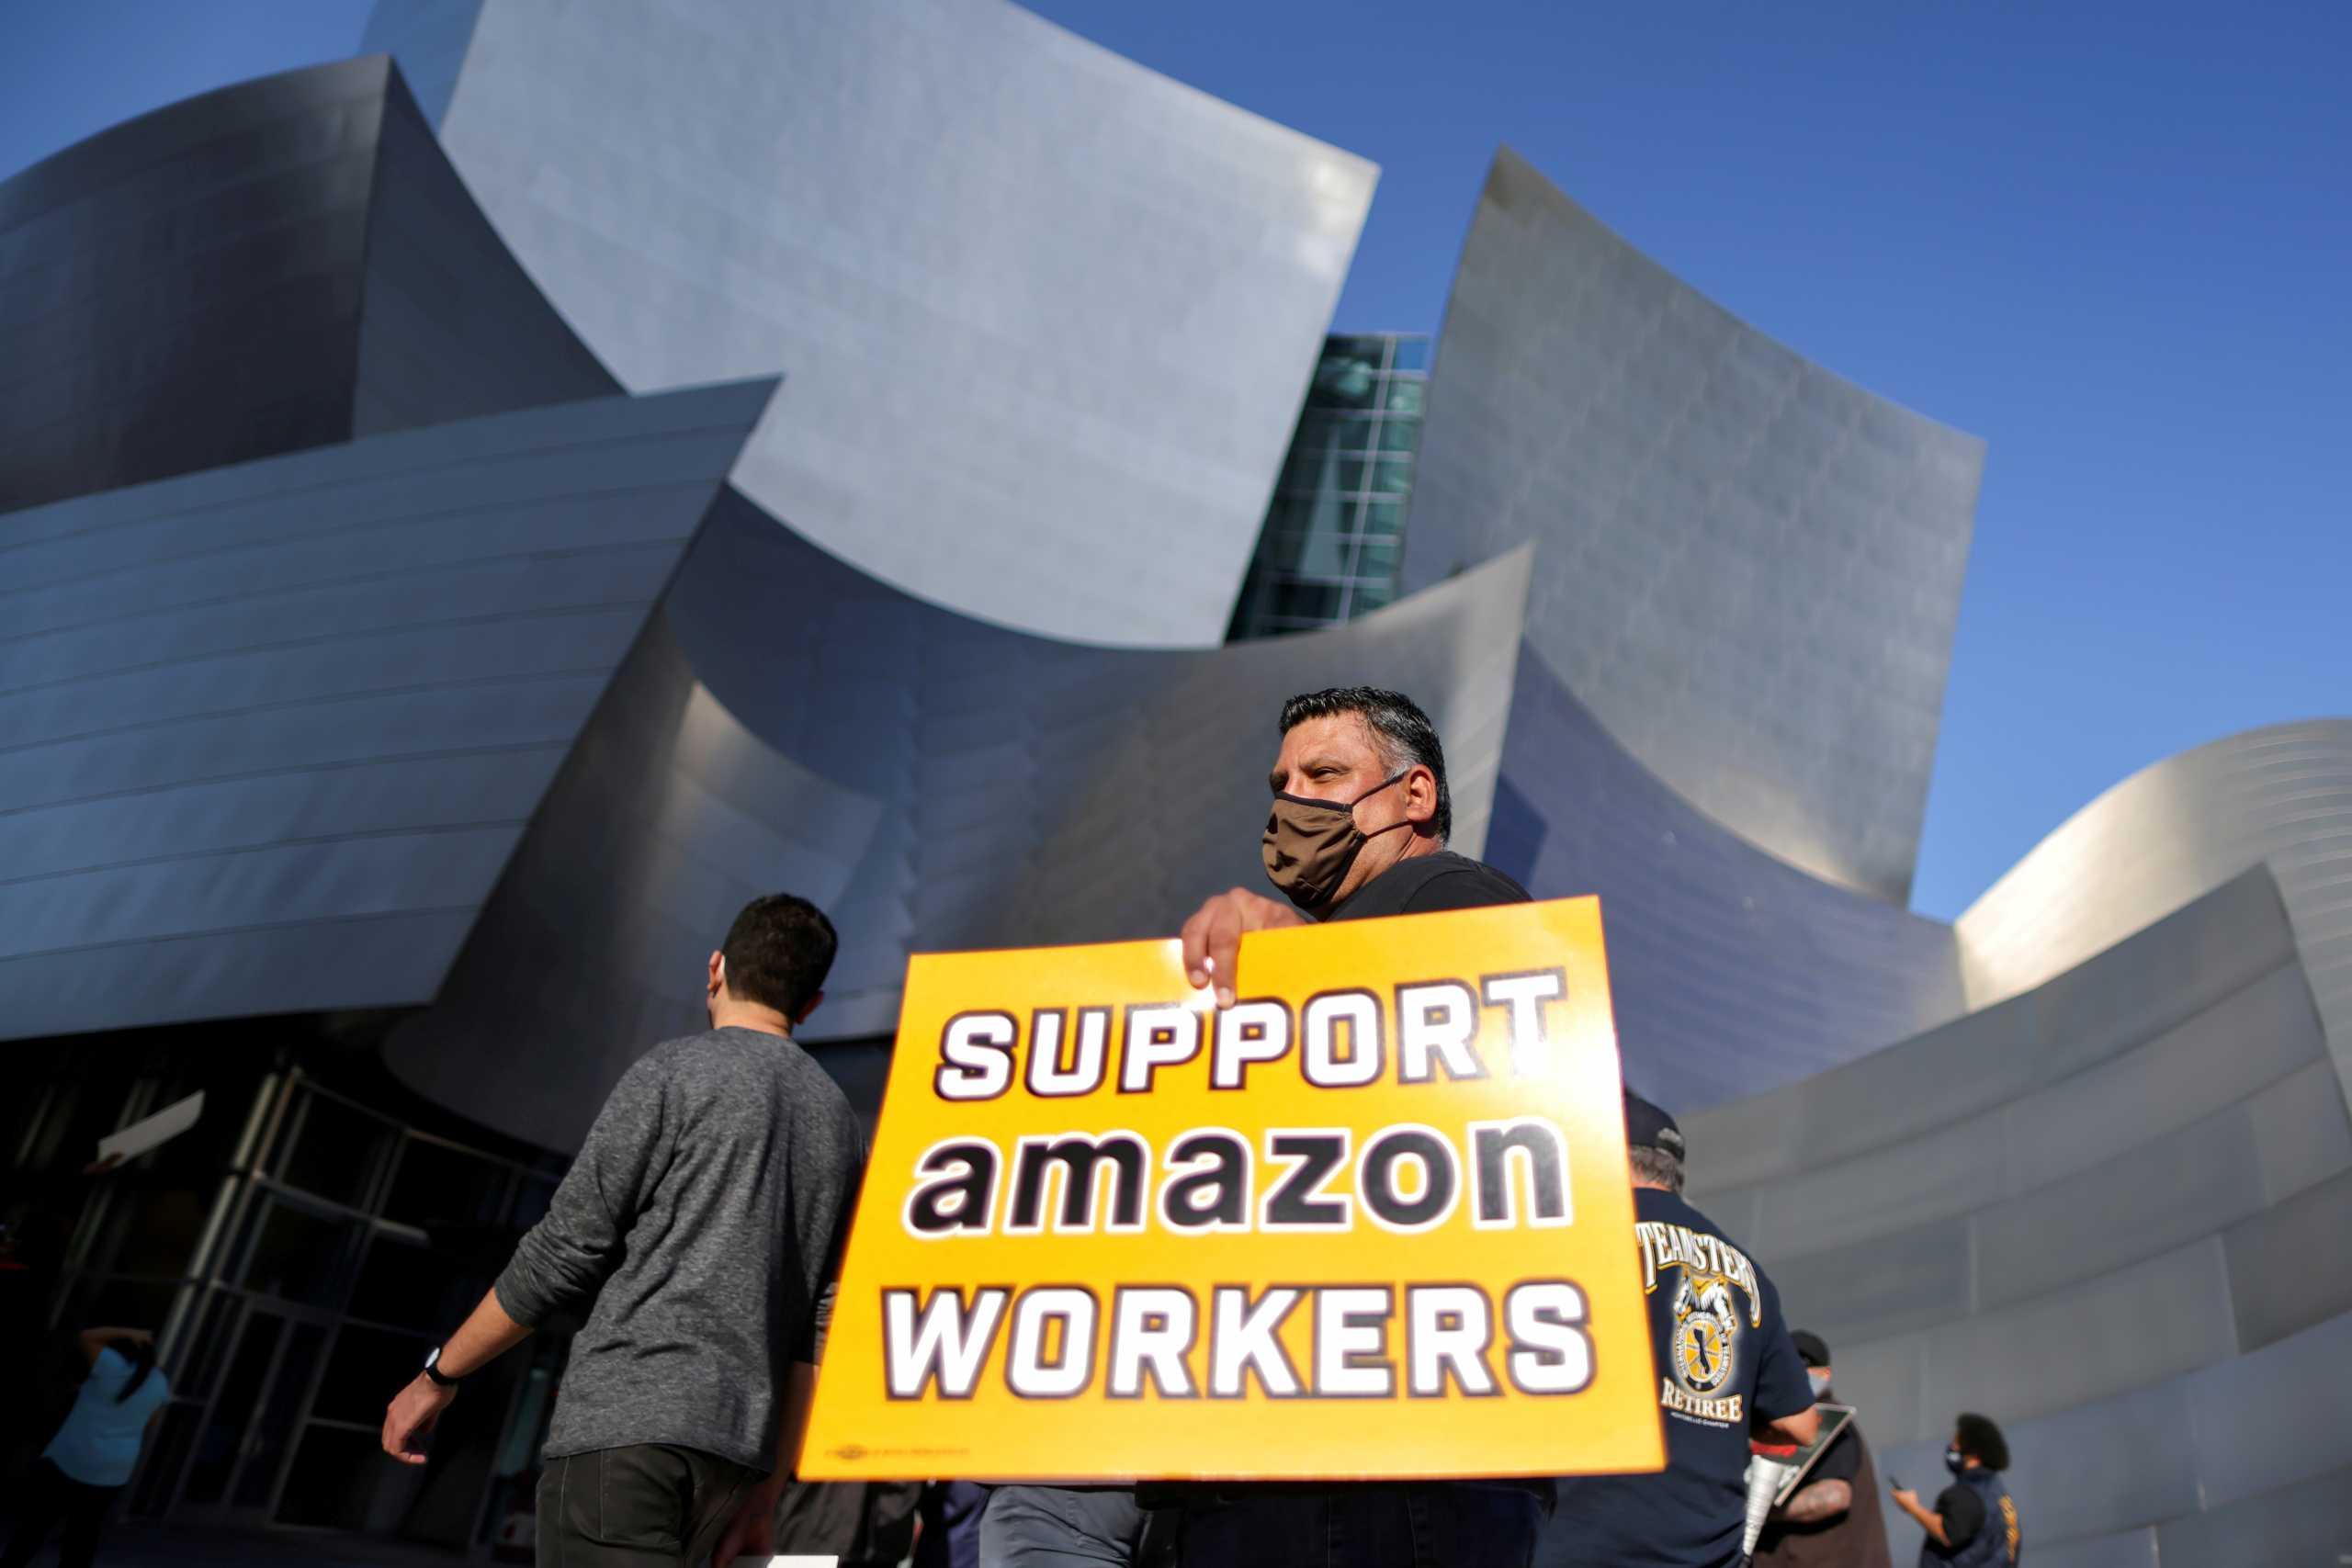 «Βλέπουν» την ήττα οι συνδικαλιστές στην αποθήκη της Amazon στην Αλαμπάμα